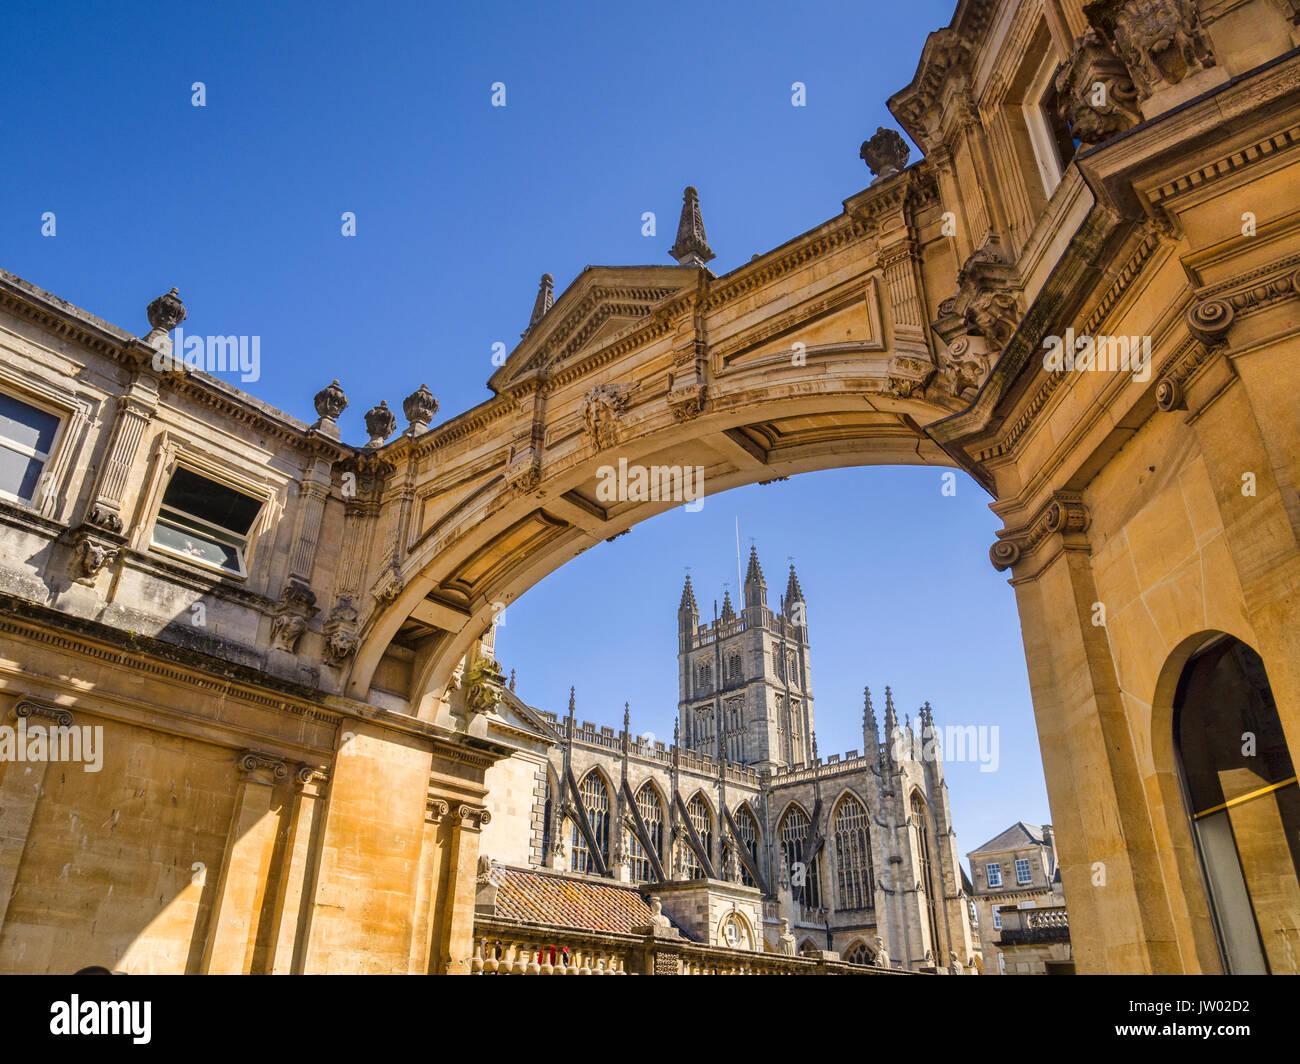 Bath, Somerset, England, UK - L'Abbaye de Bath vu à travers le passage de la rue York. Photo Stock